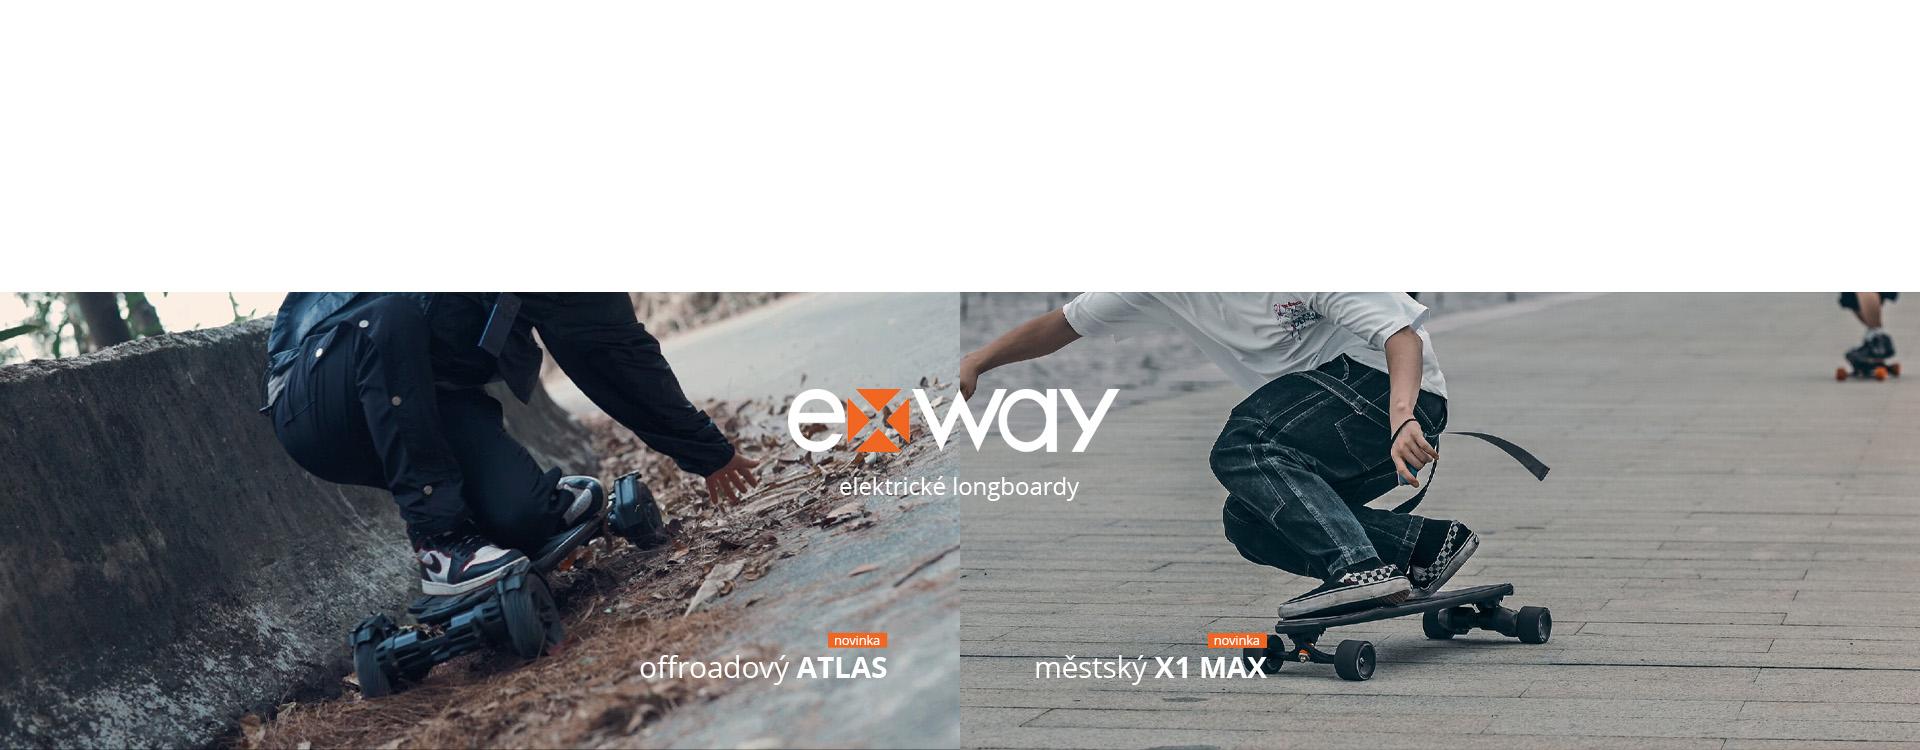 Exway novinky 2021